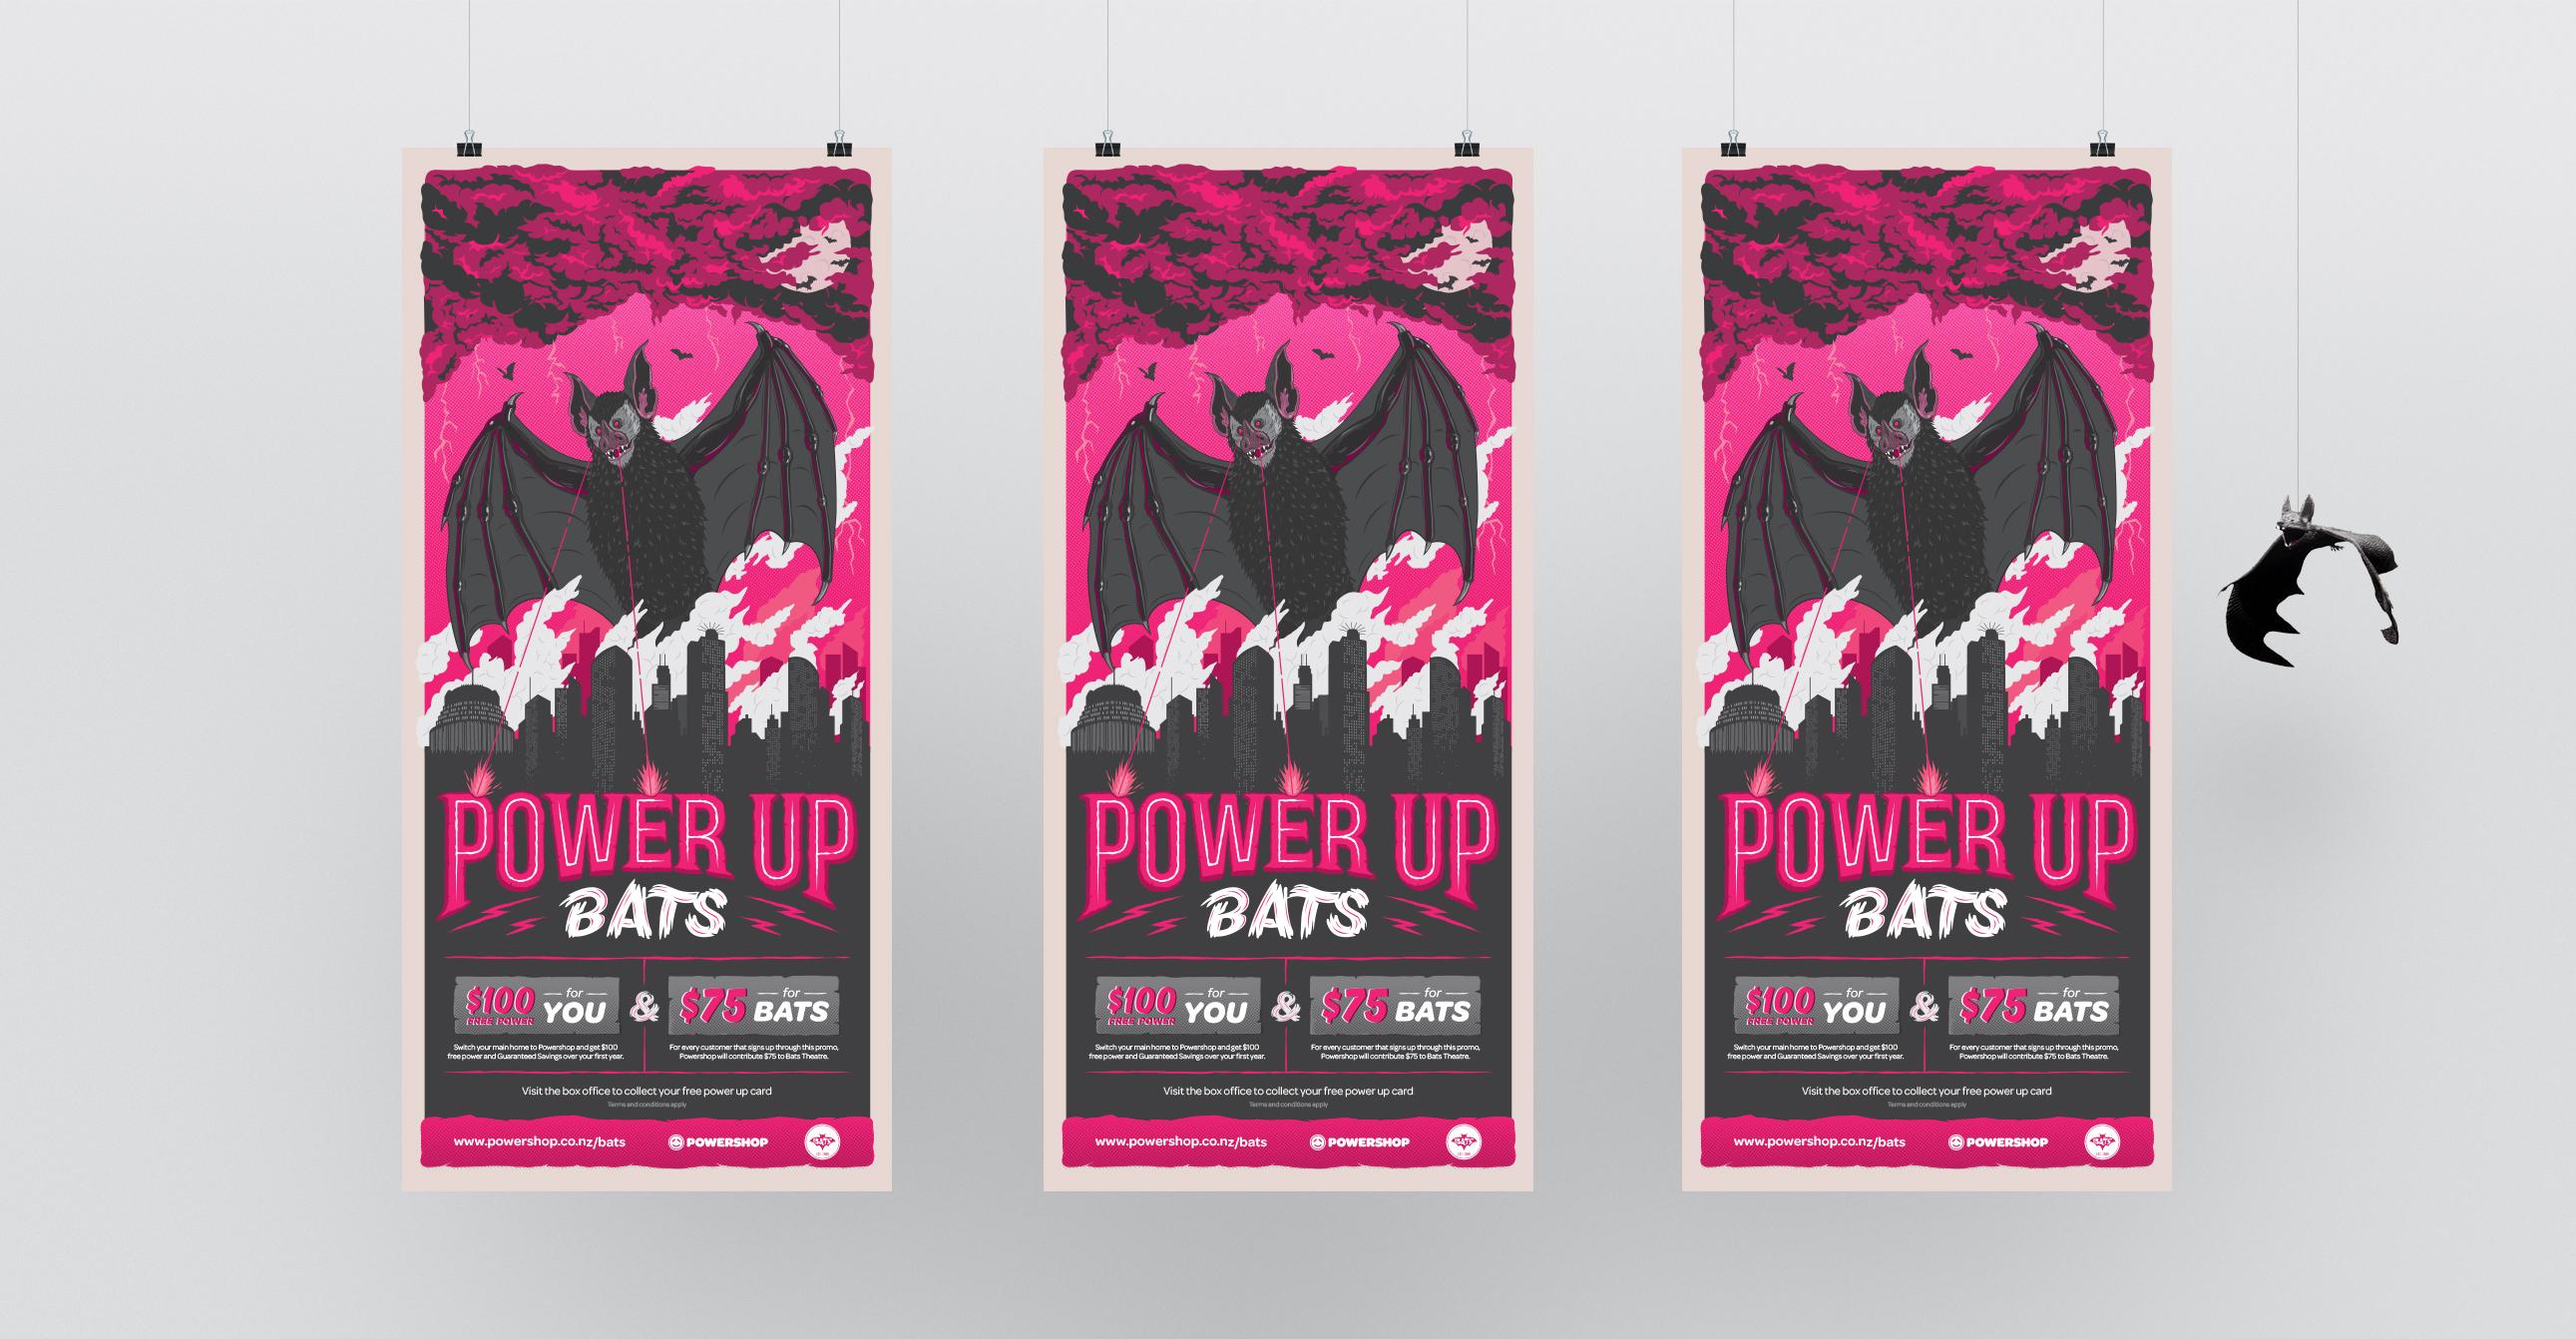 powerup_bats_4.jpg